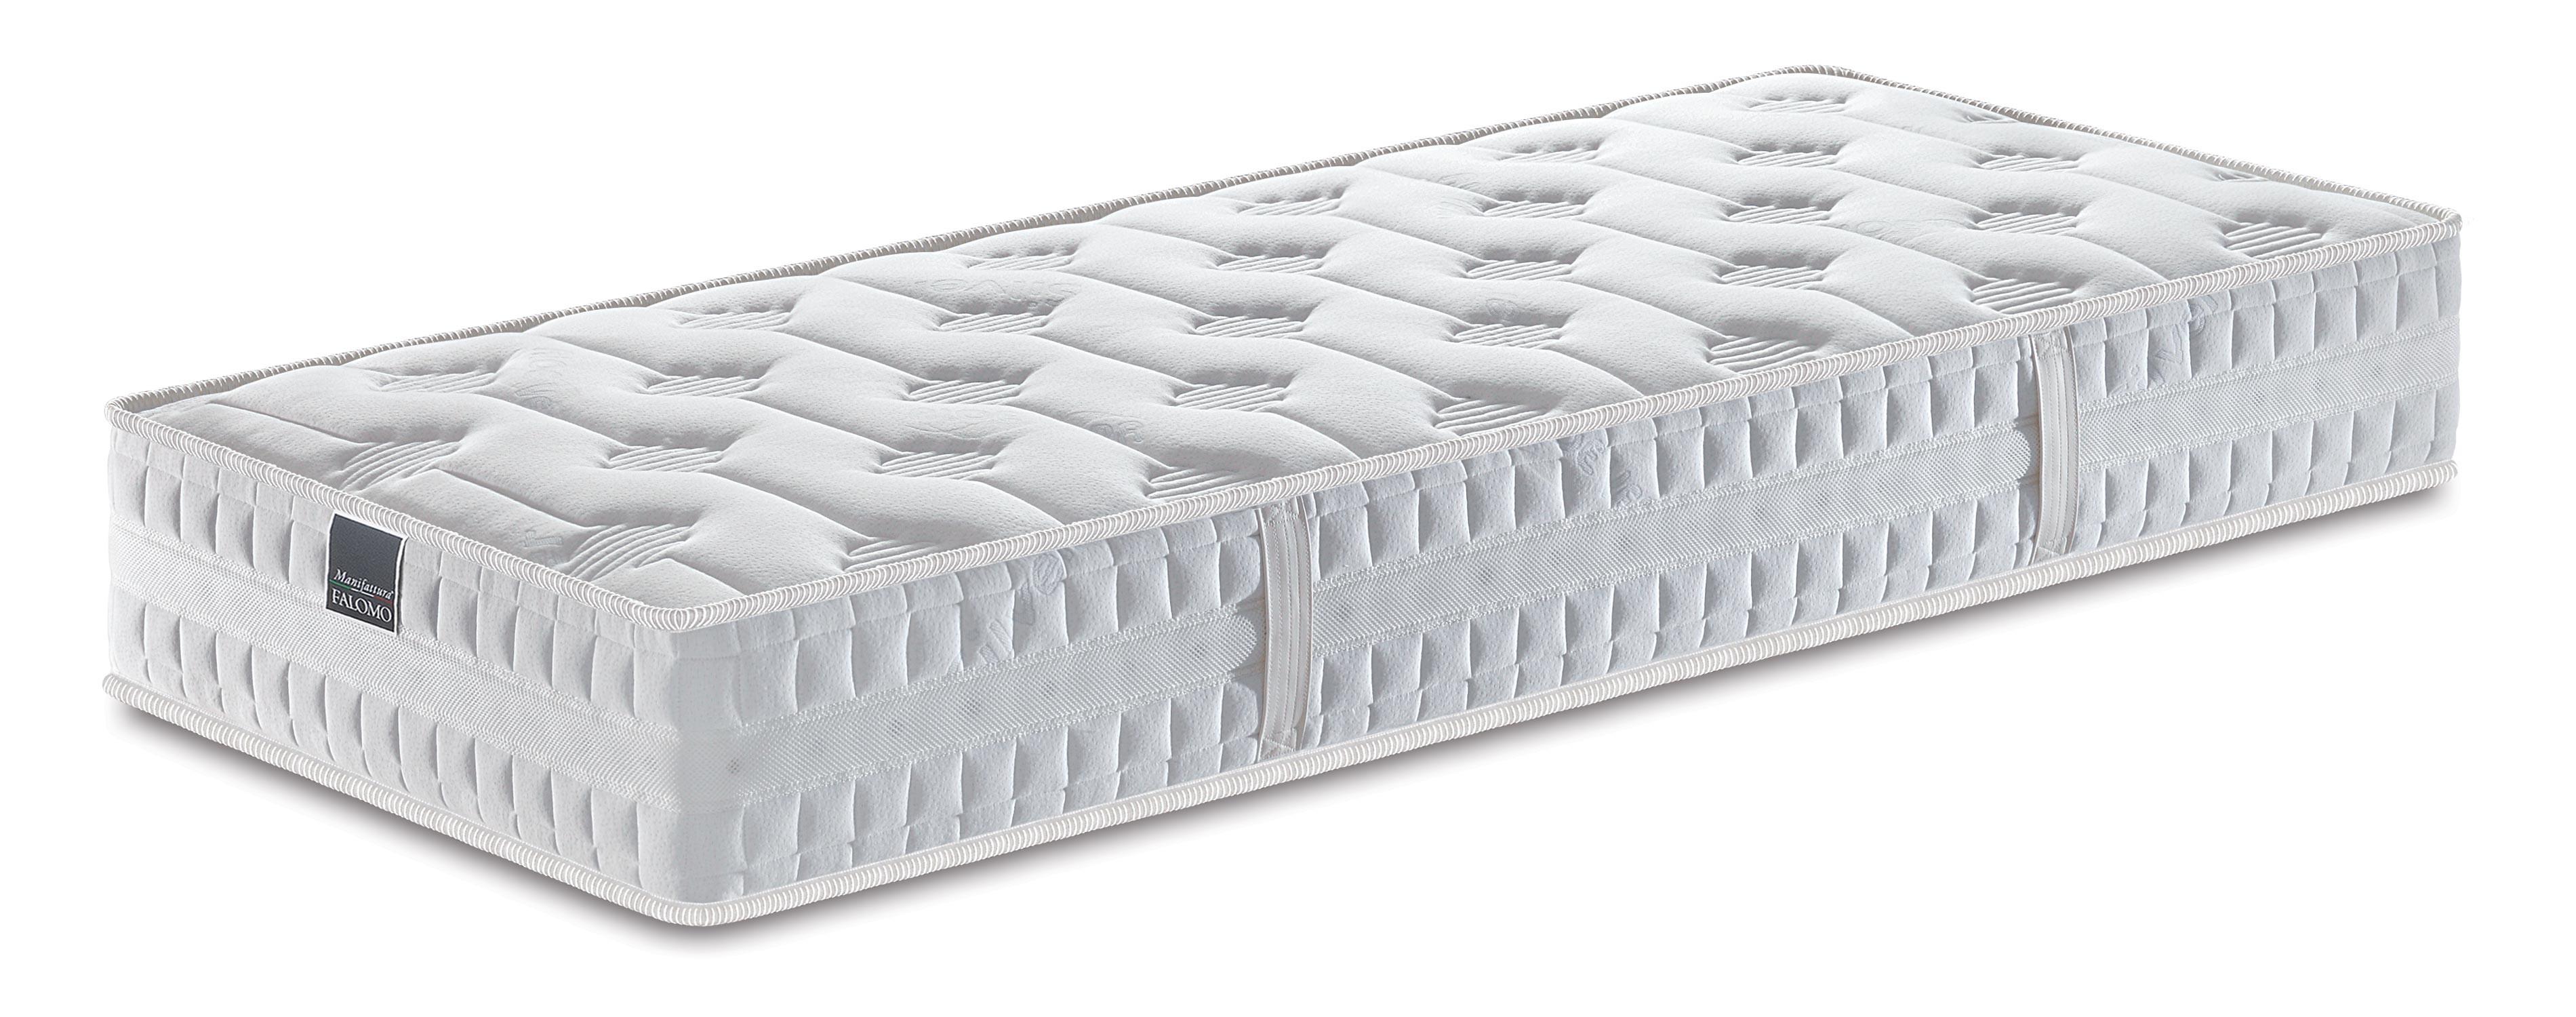 Materasso classic lana cotone acquistabile online manifattura falomo for Materassi ikea memory foam